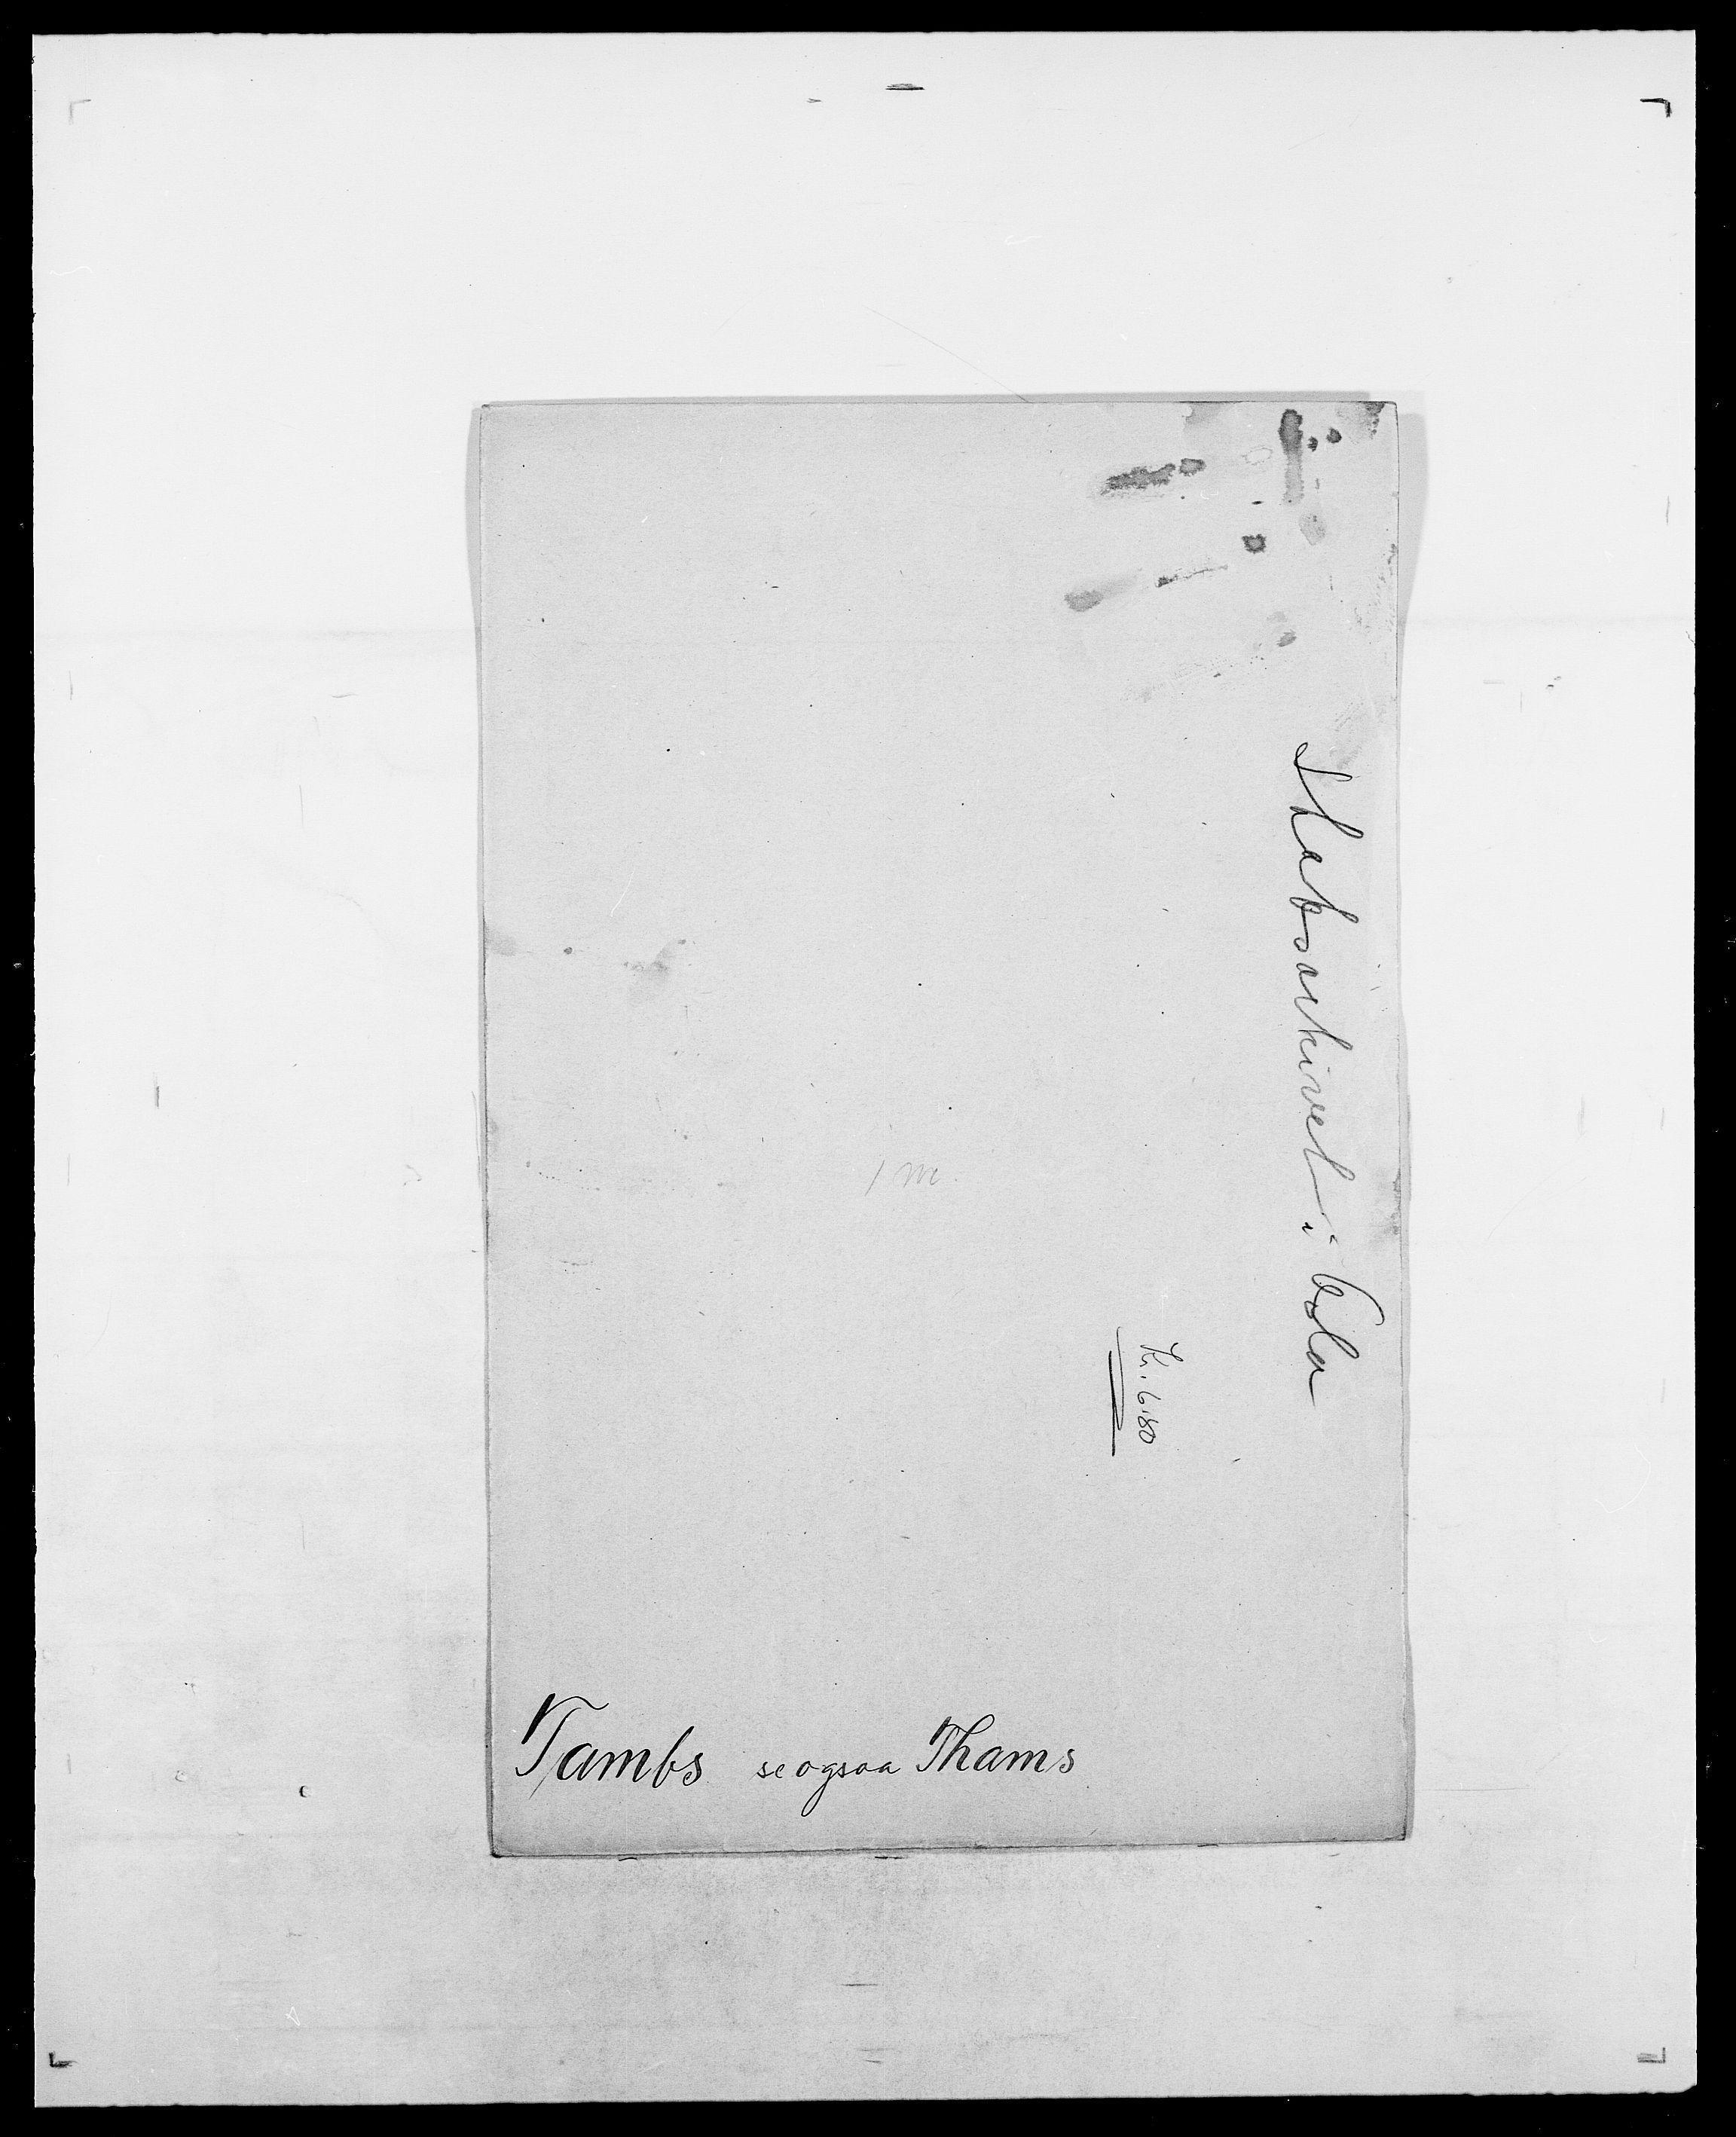 SAO, Delgobe, Charles Antoine - samling, D/Da/L0038: Svanenskjold - Thornsohn, s. 277